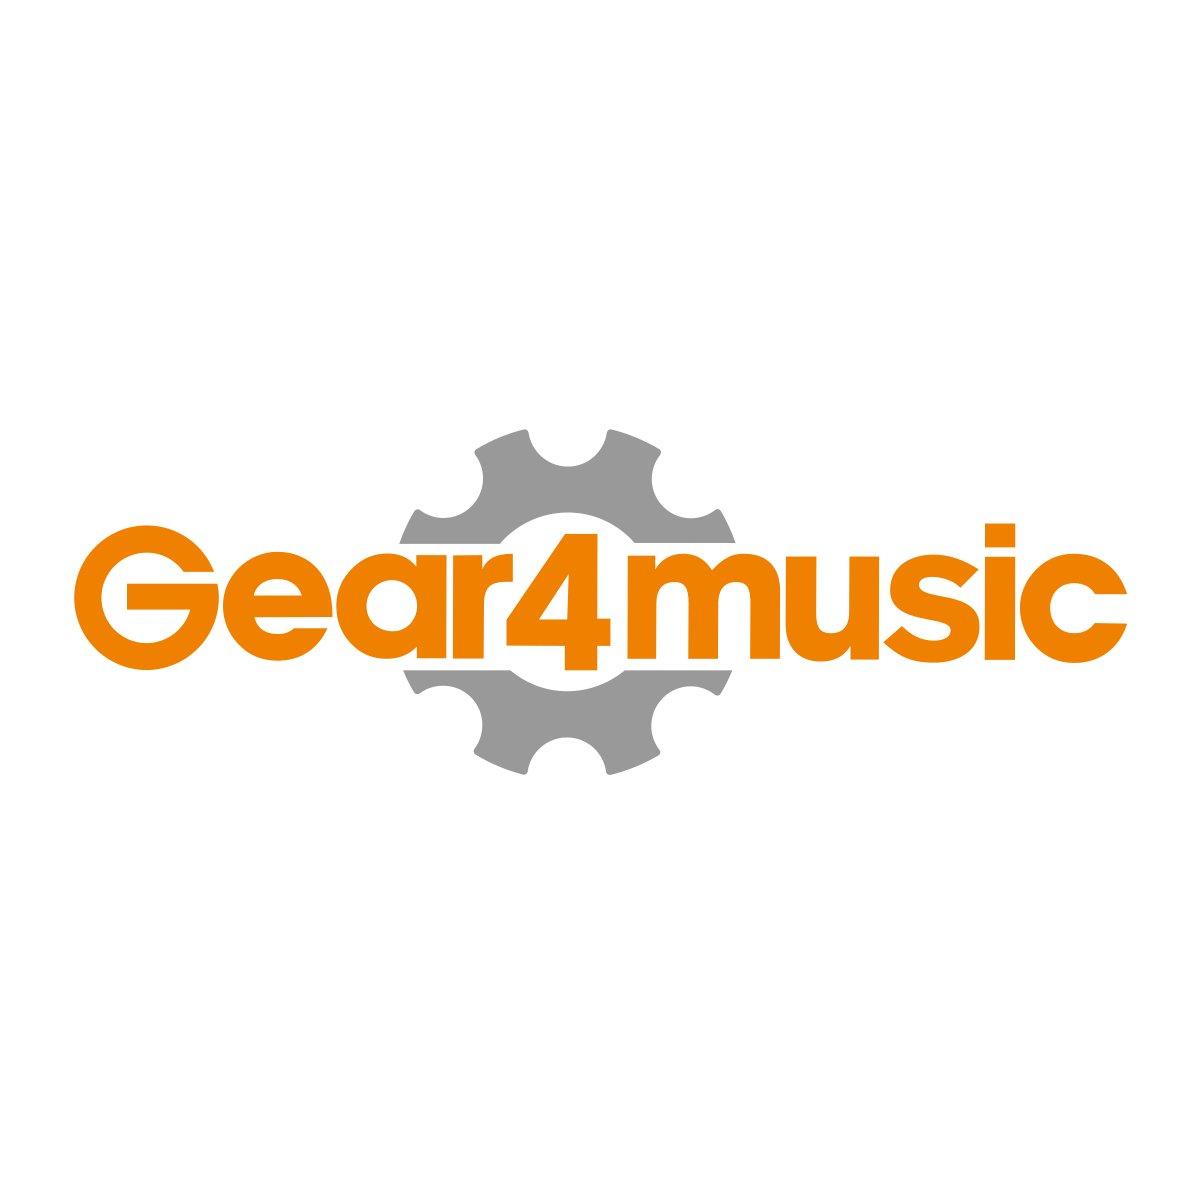 Chitarra Elettroacustica da viaggio 3/4 Gear4music, Nera